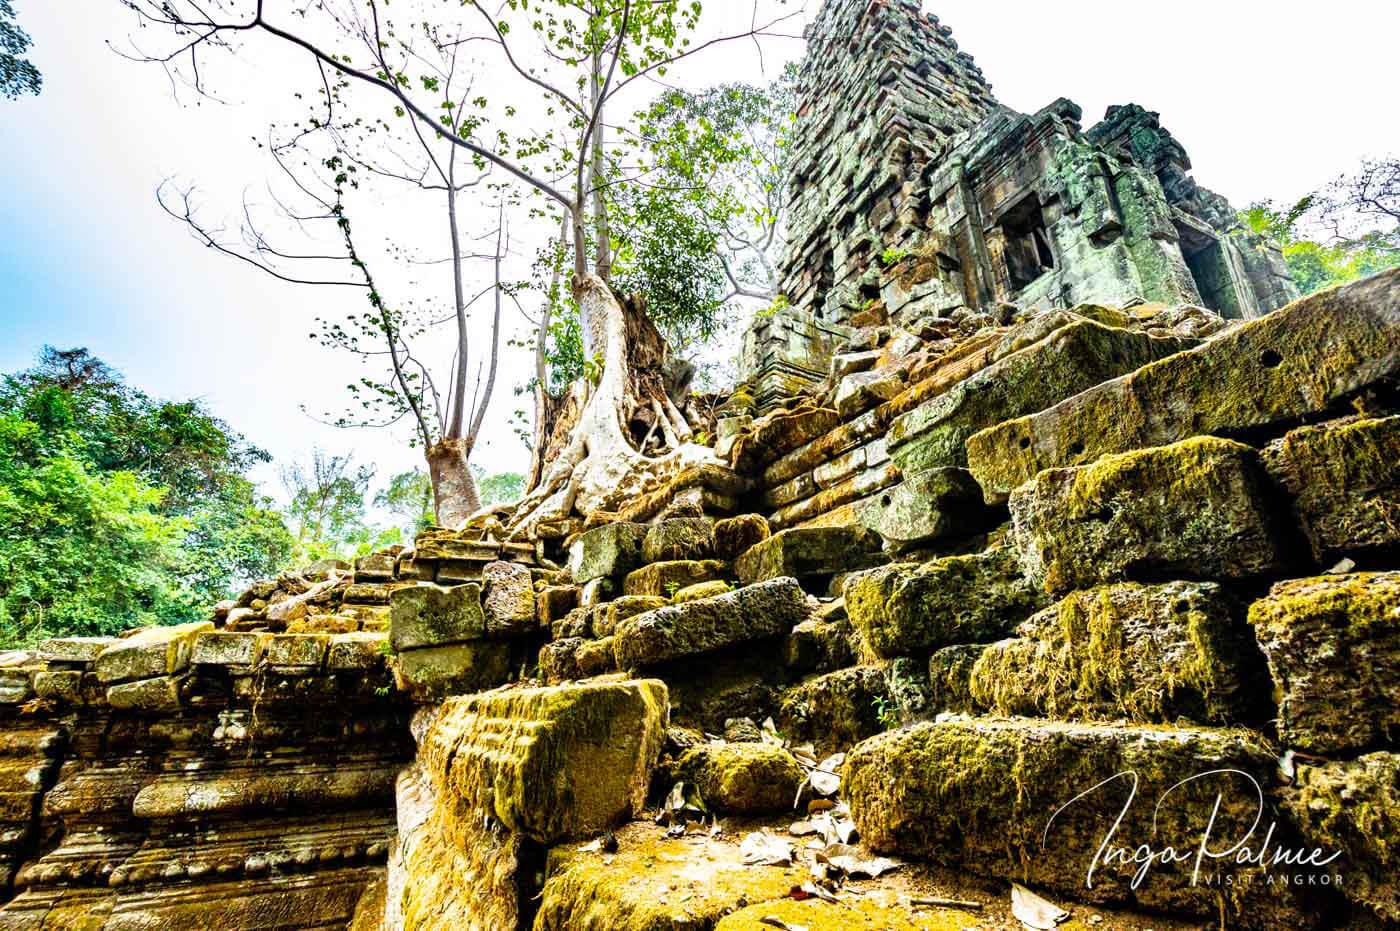 preah Paliley